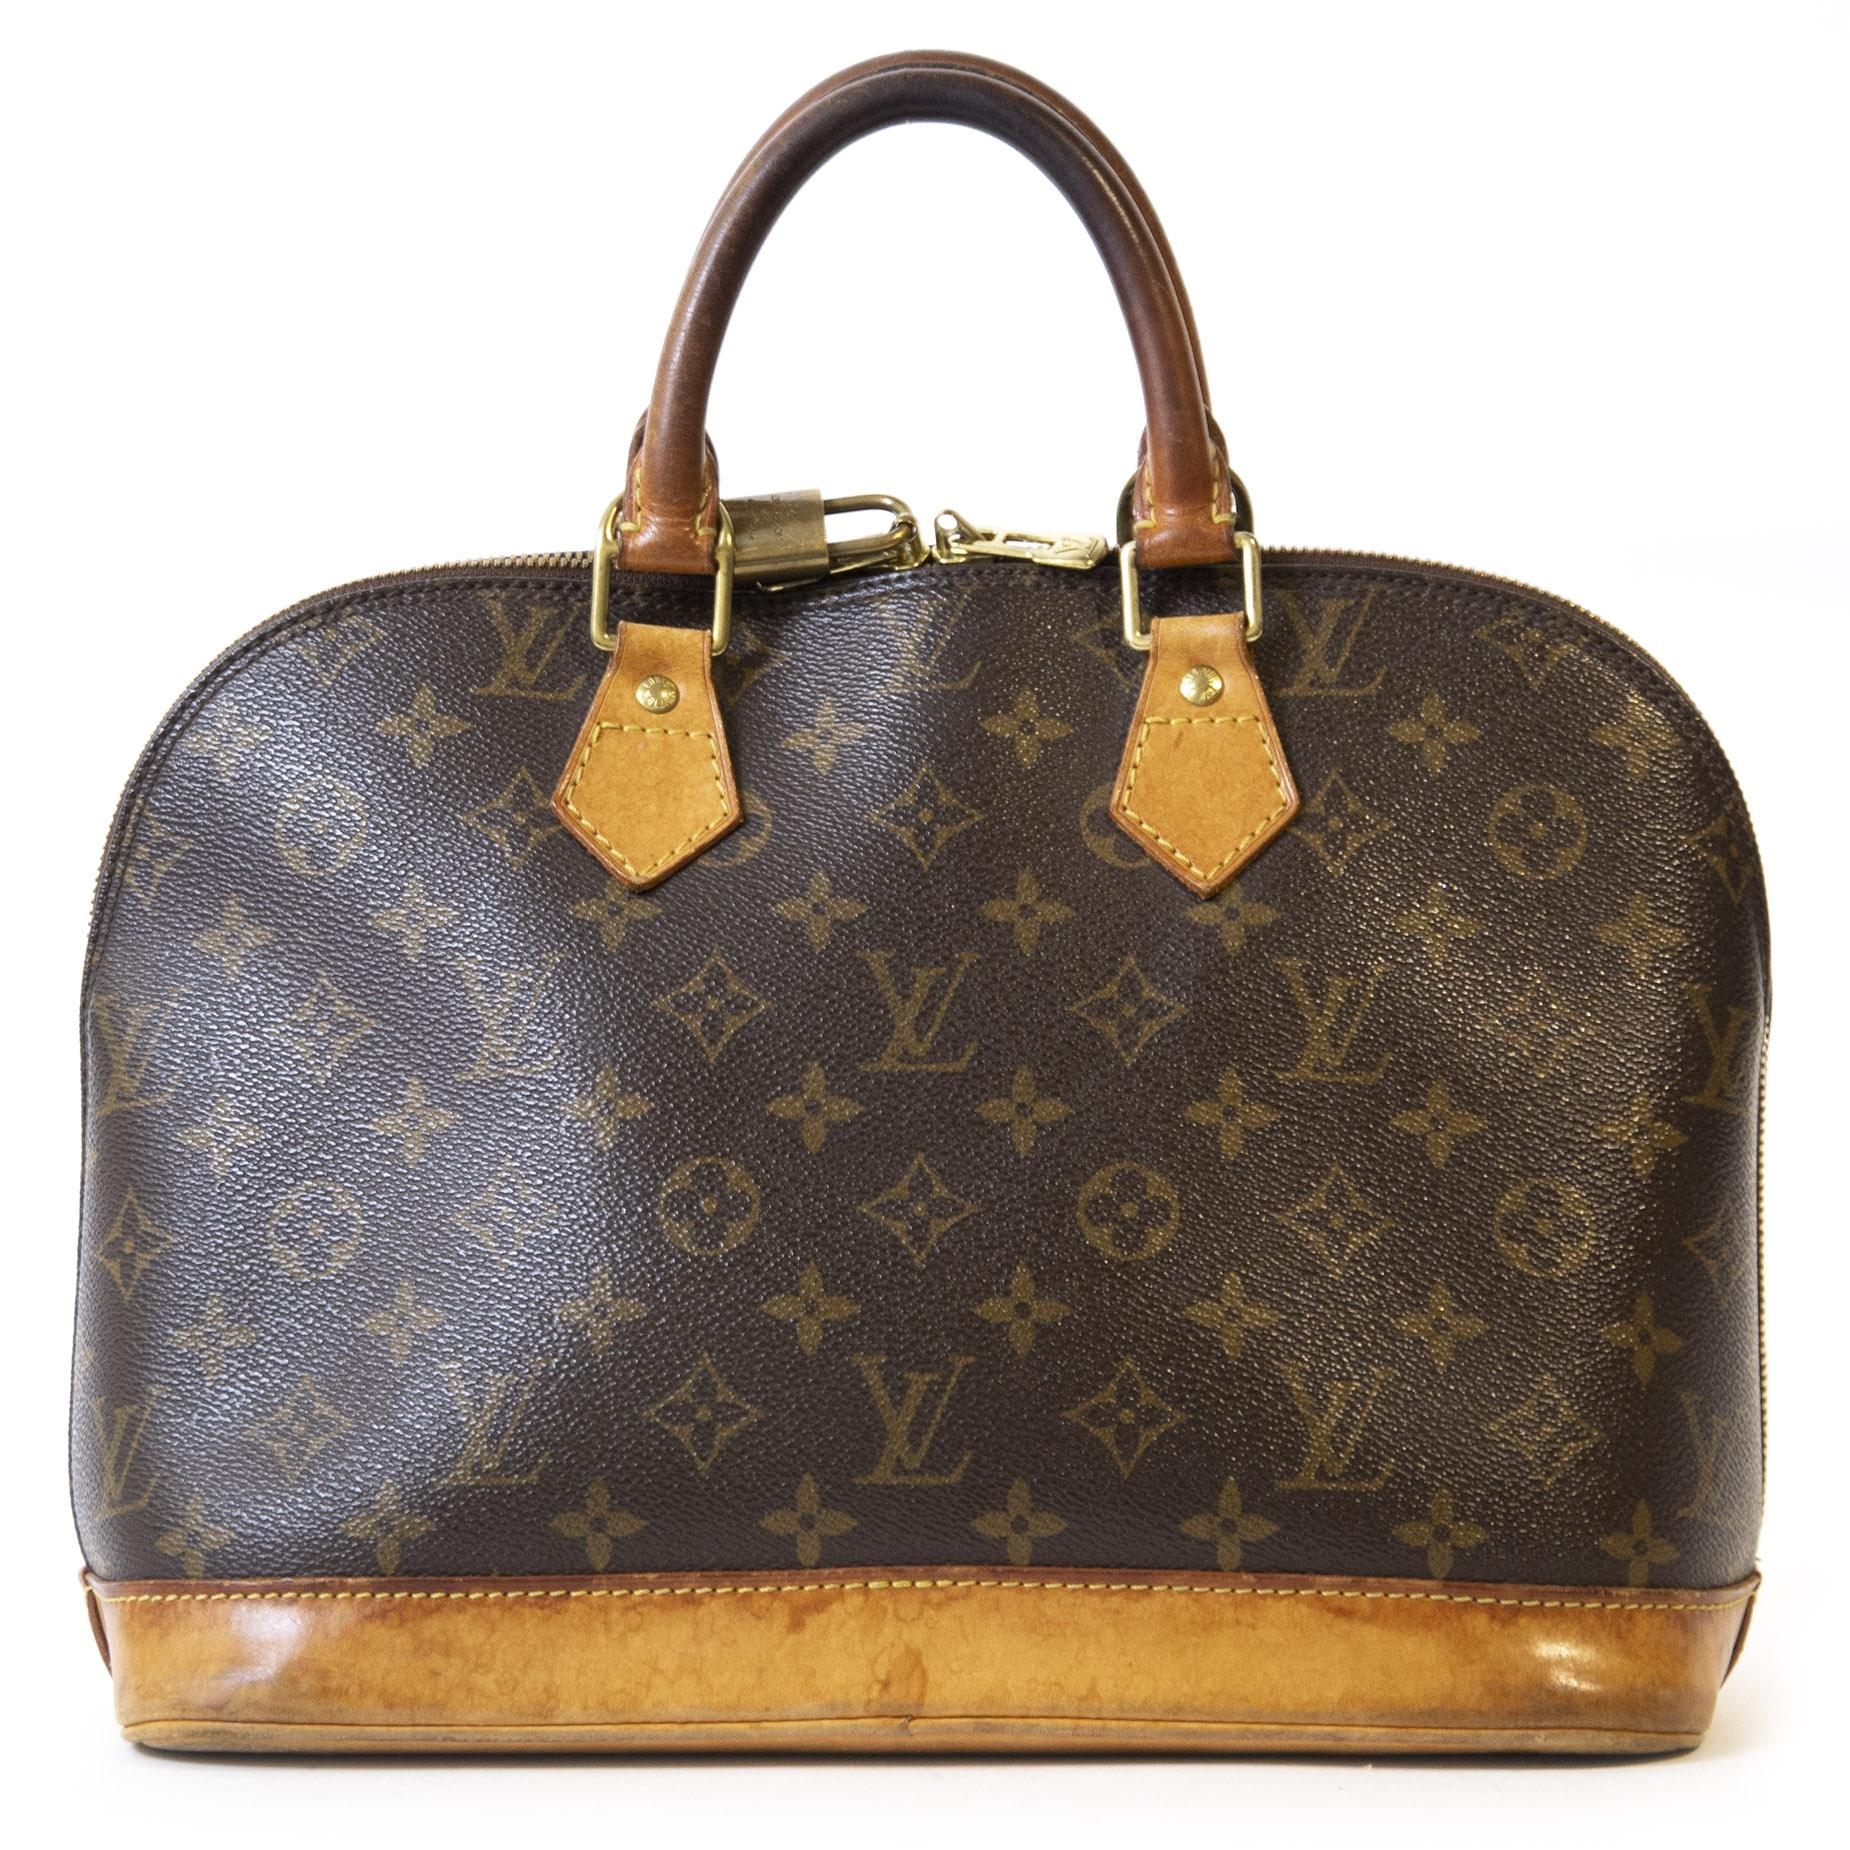 Authentieke Tweedehands Louis Vuitton Monogram Alma Top Handle Bag juiste prijs veilig online shoppen luxe merken webshop winkelen Antwerpen België mode fashion